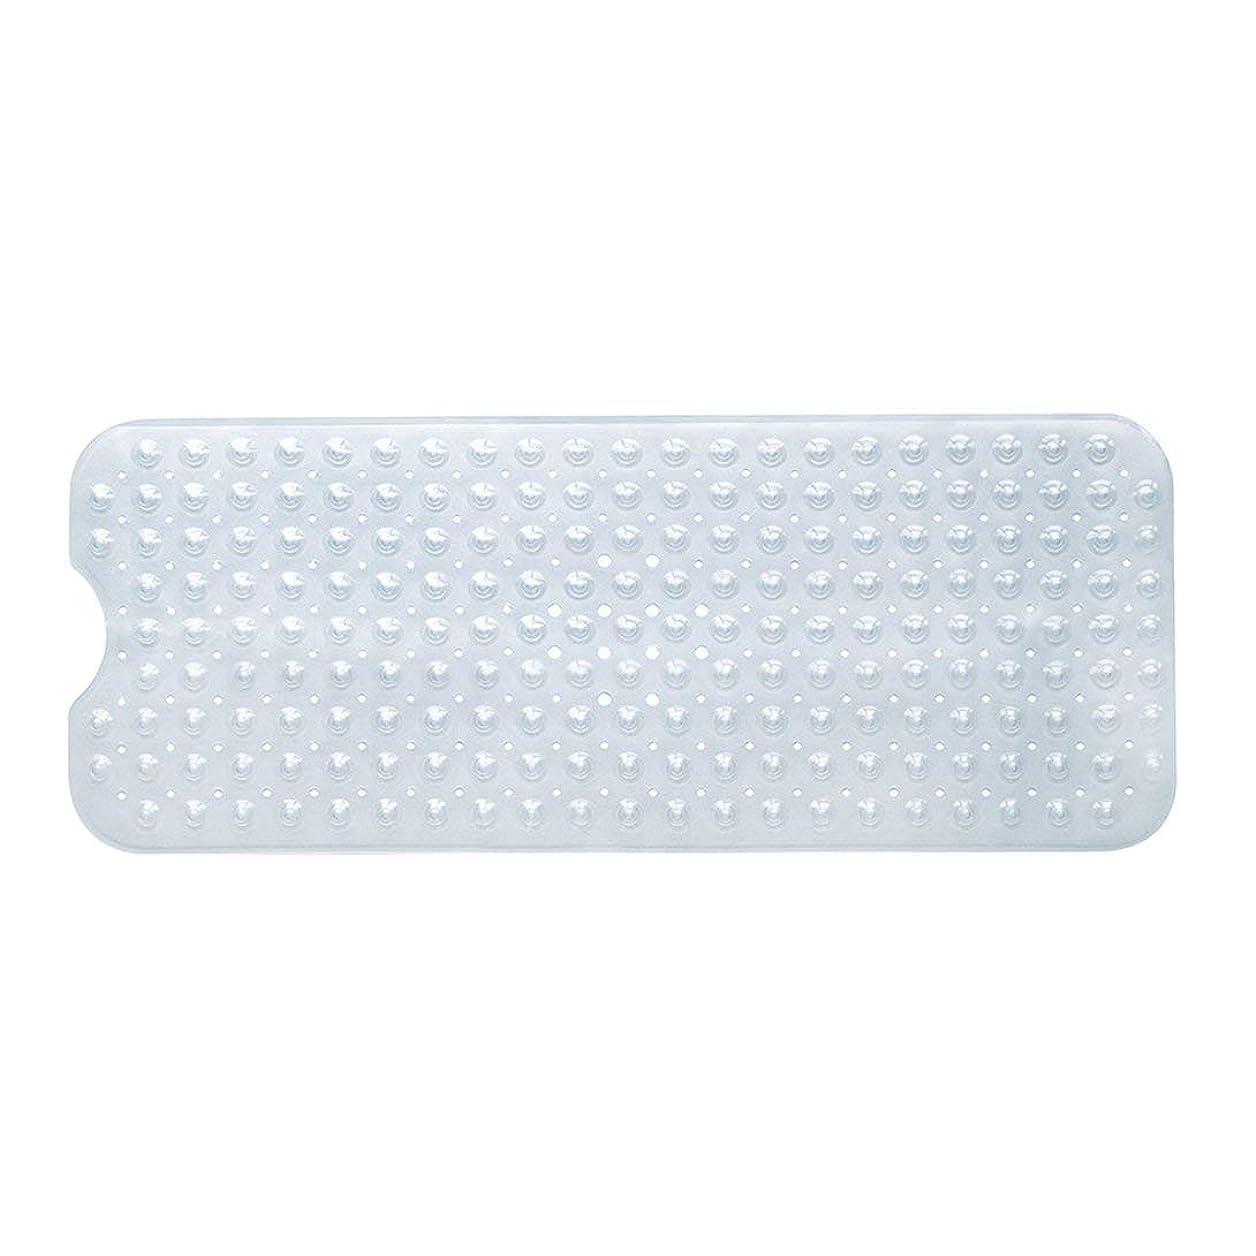 一生クレデンシャル緊張するSwiftgood エクストラロングバスタブマットカビ抵抗性滑り止めバスマット洗濯機用浴室用洗えるPVCシャワーマット15.7